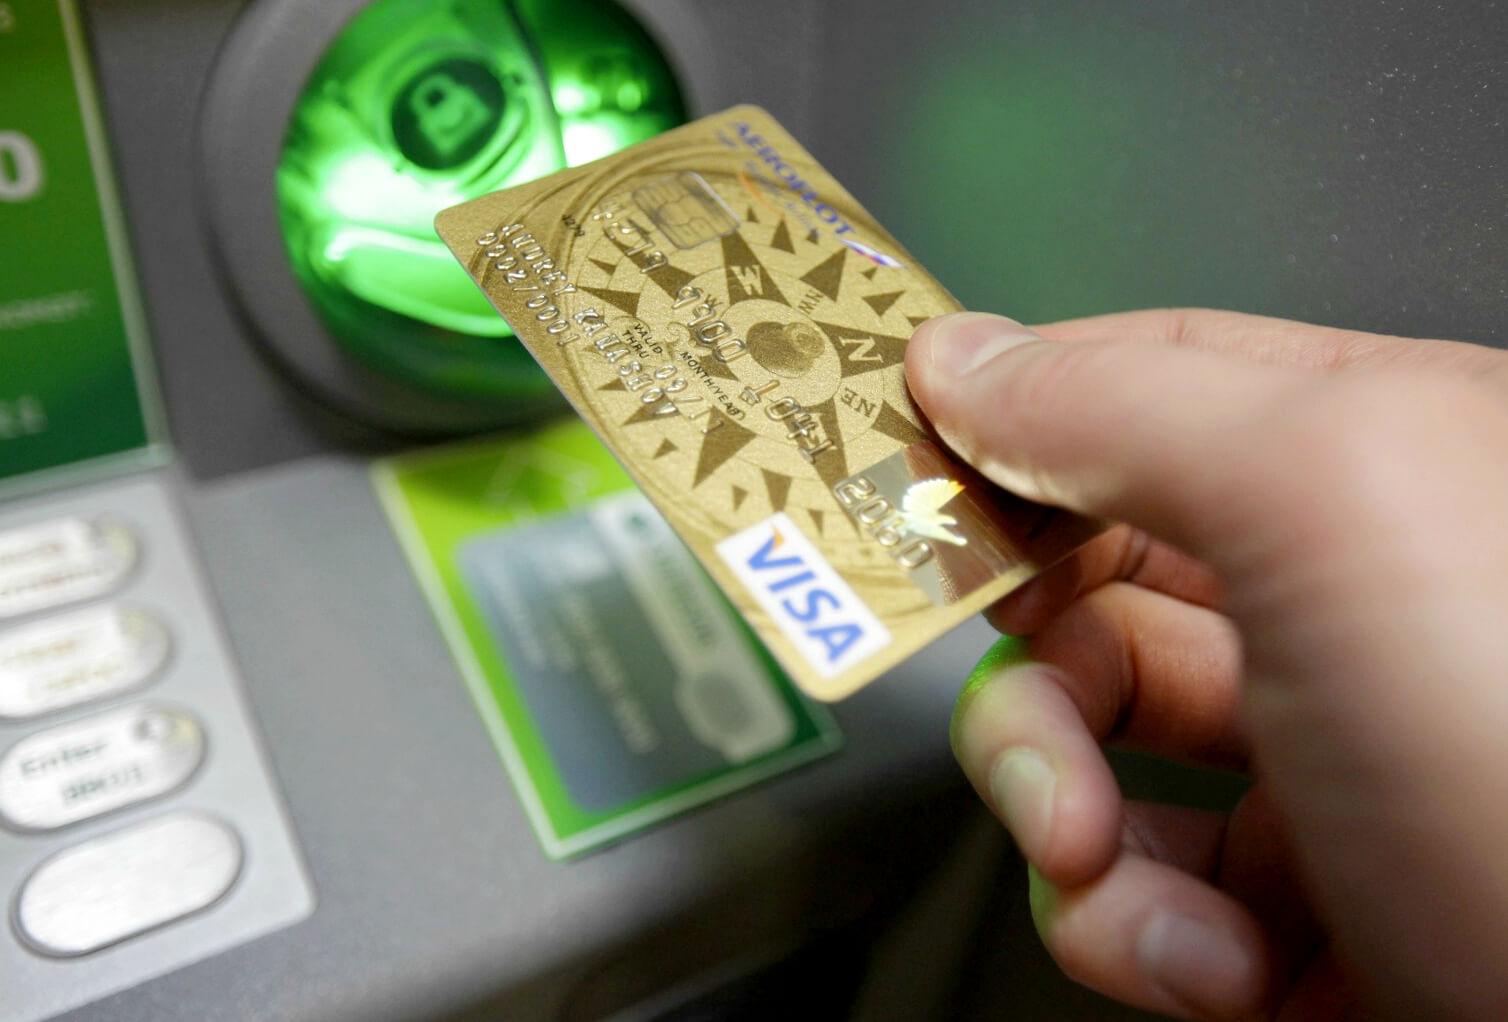 скиммер – представляет собой миниатюрный модуль, который обычно крепится на банкомат